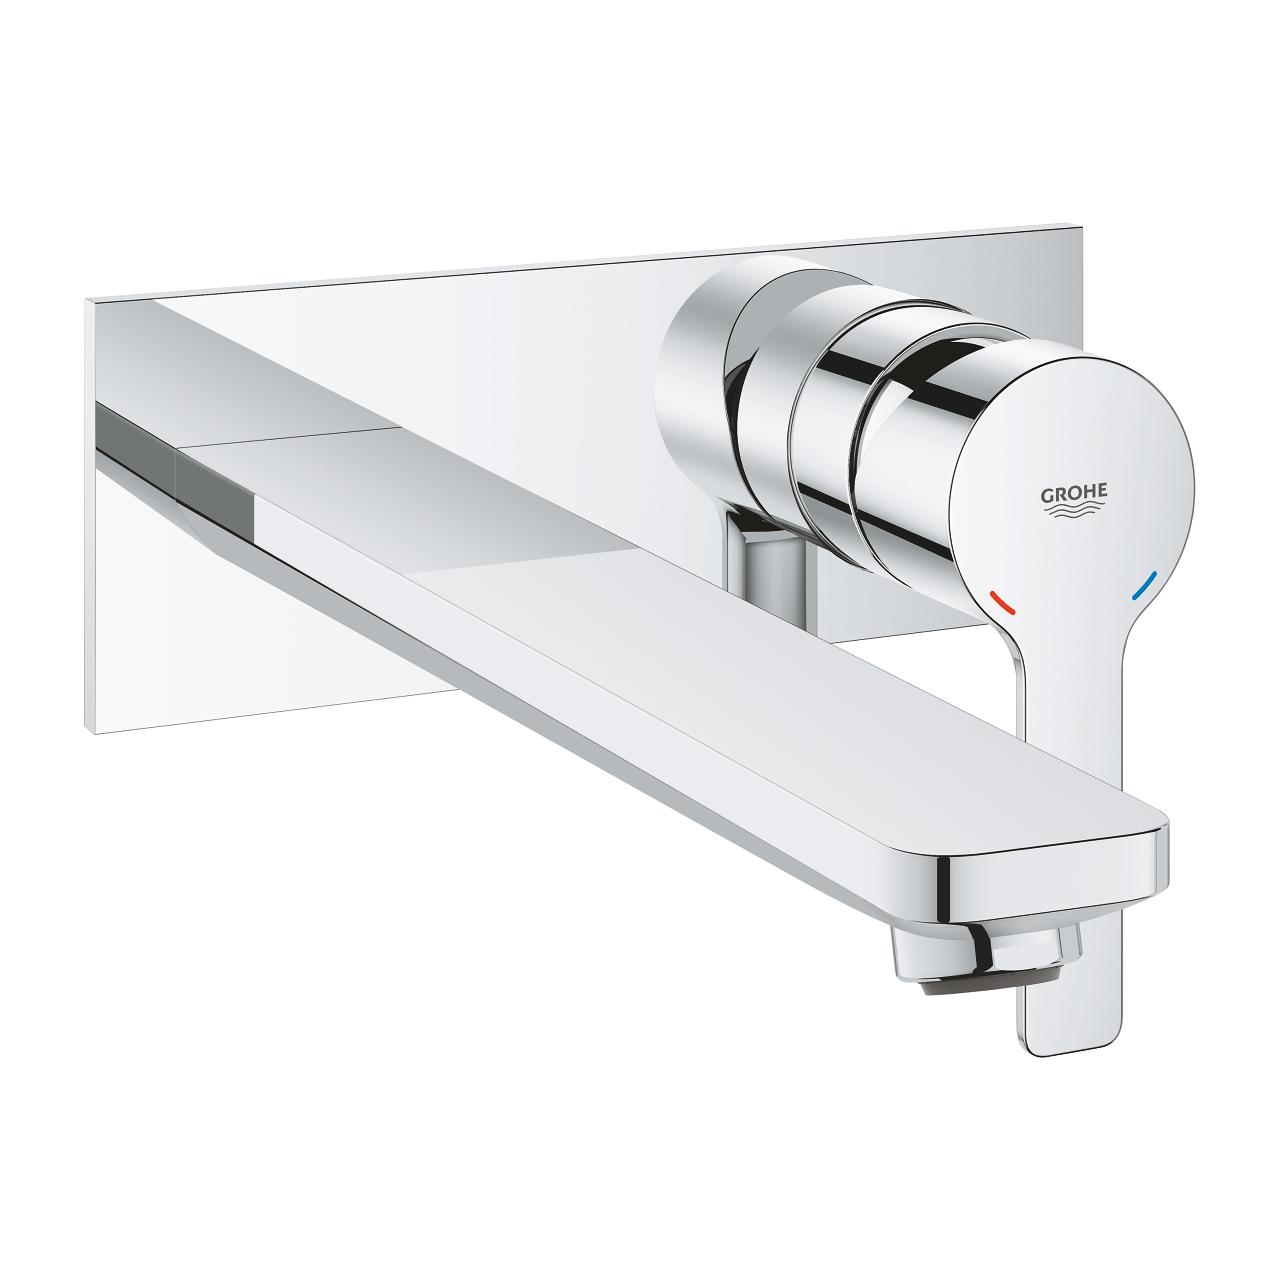 grohe lineare new miscelatore lavabo a muro 23444001 vendita online italia. Black Bedroom Furniture Sets. Home Design Ideas